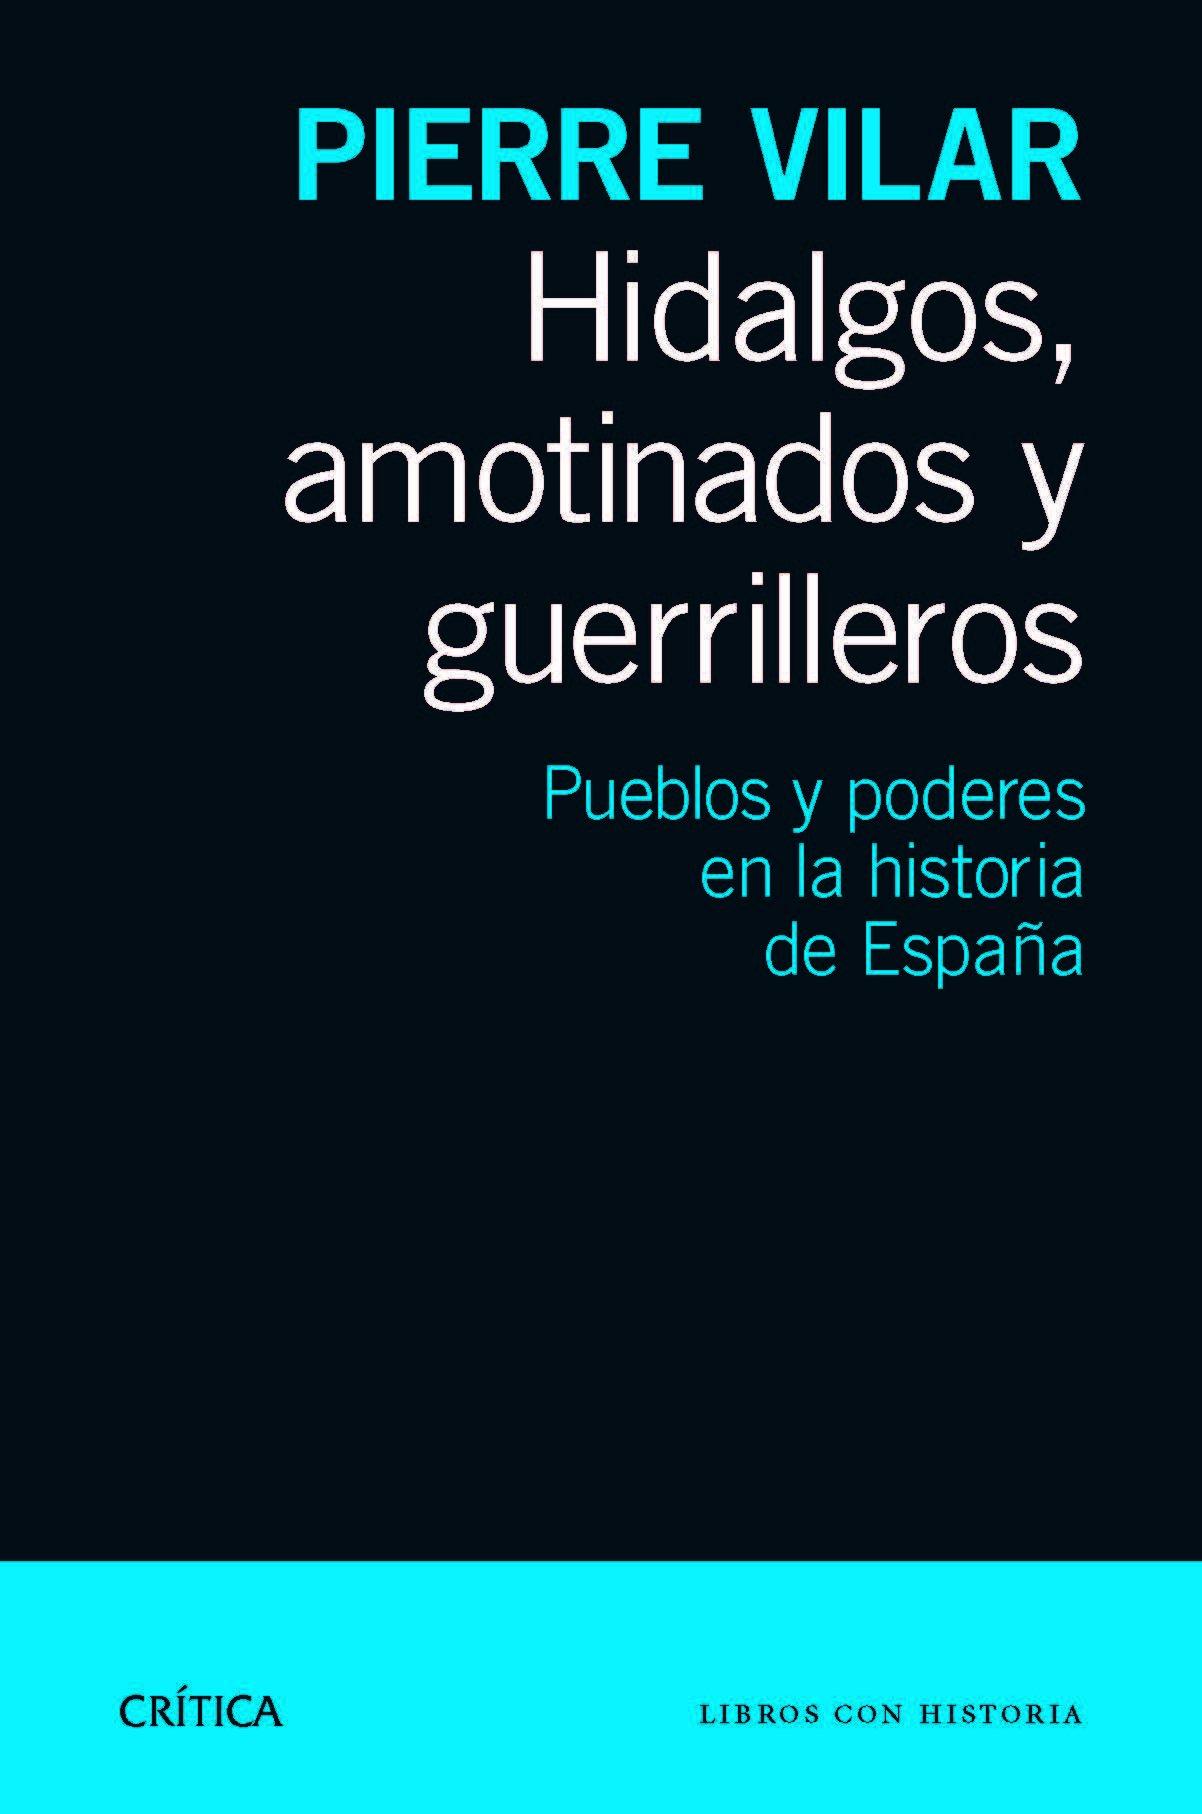 Hidalgos, amotinados y guerrilleros: Pueblos y poderes en la historia de España Libros con historia: Amazon.es: Vilar, Pierre, Gallego, Ferran: Libros